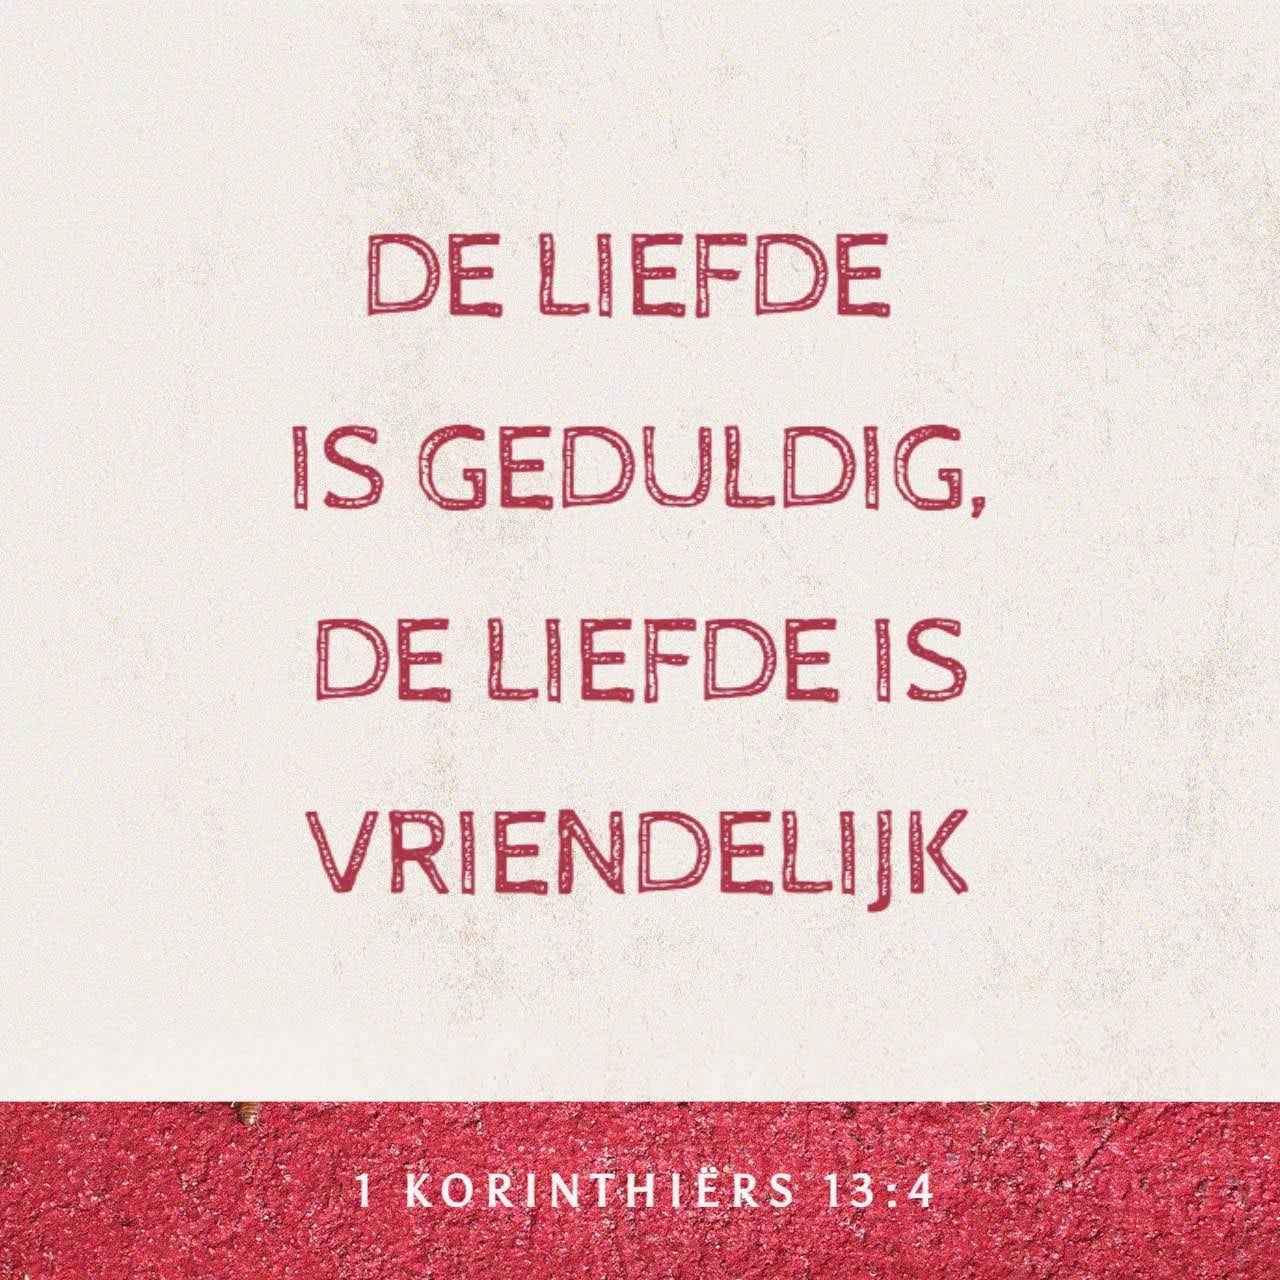 De liefde is geduldig, de liefde is vriendelijk. - 1 Korinthiërs 13:4a - Versafbeelding